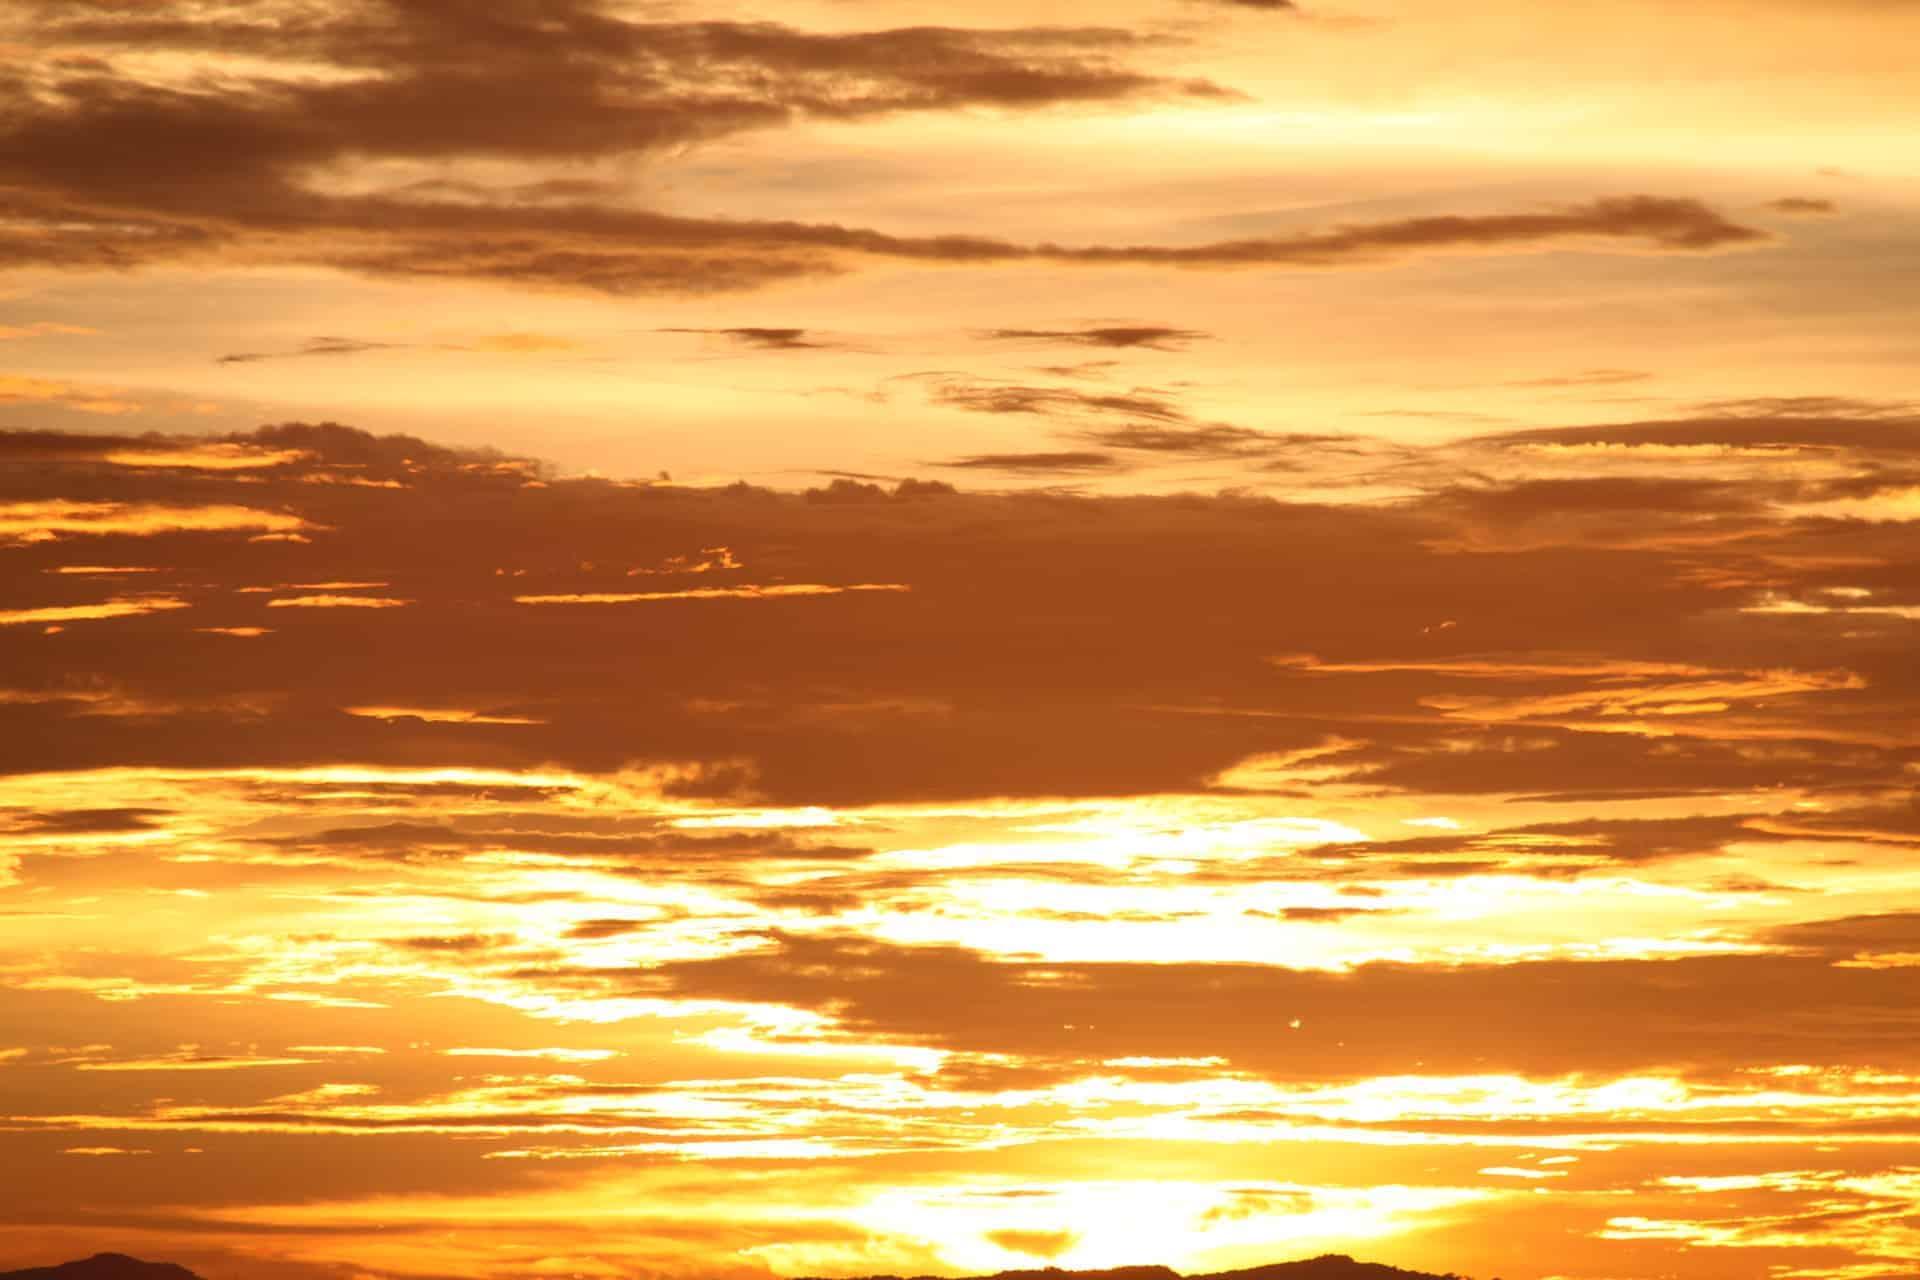 Schöner_Sonnenuntergang_5